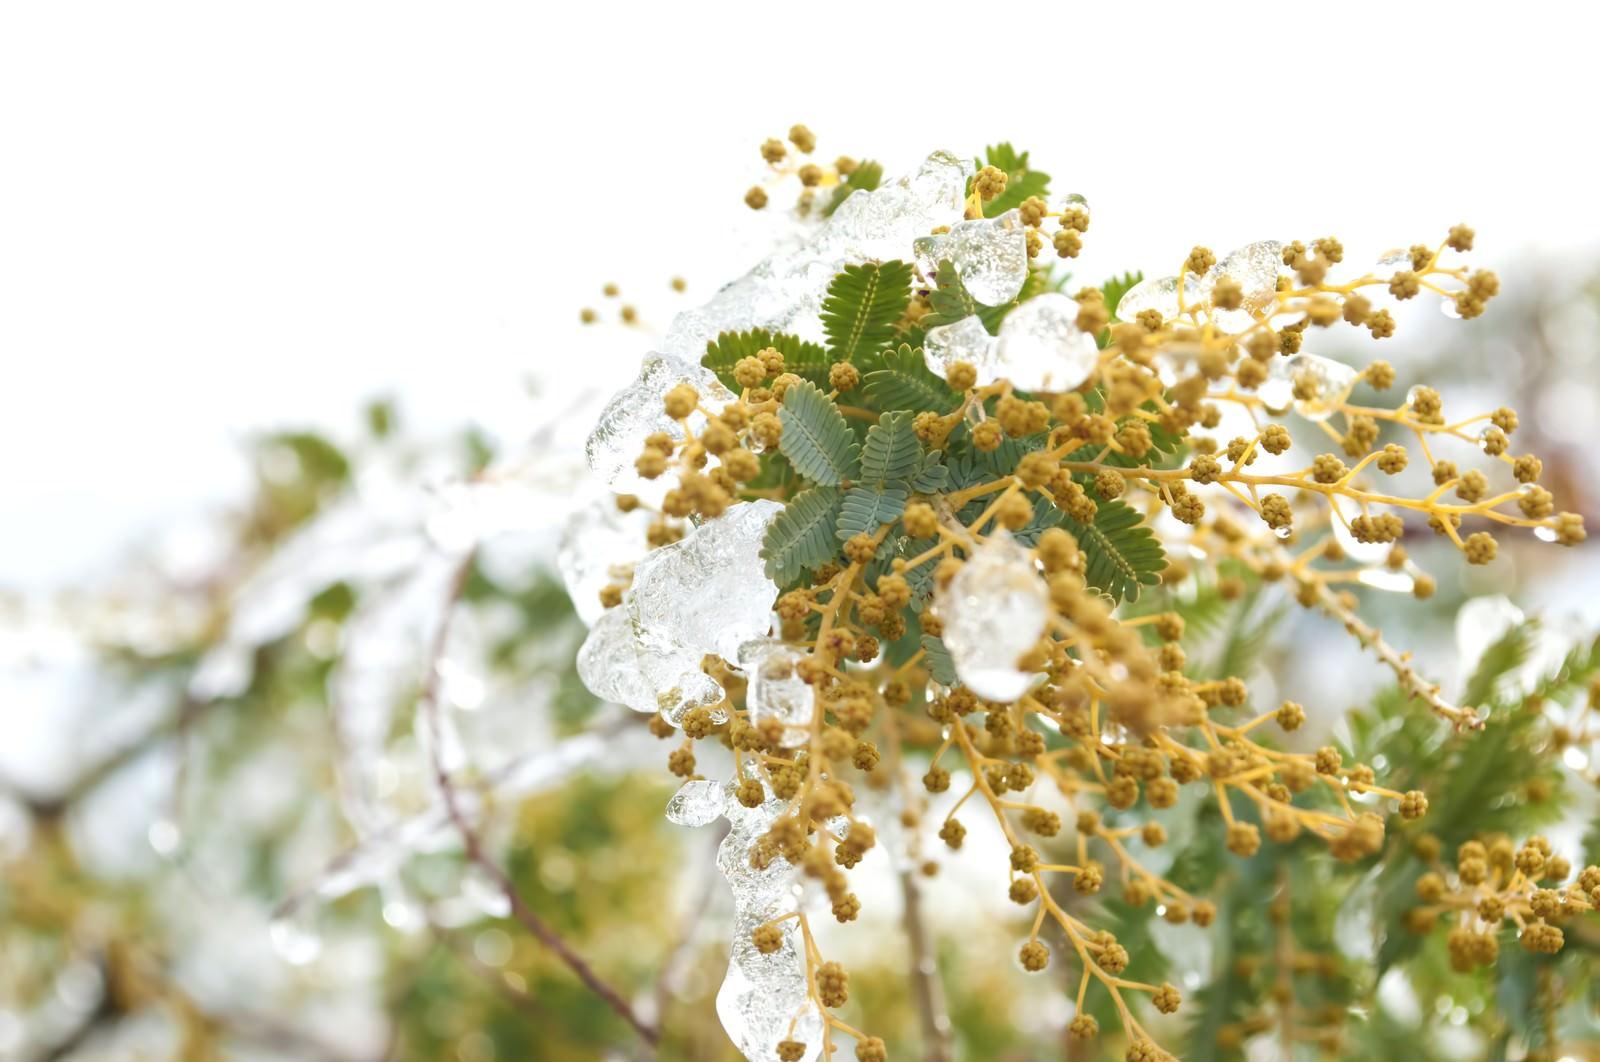 「ミモザの蕾」の写真